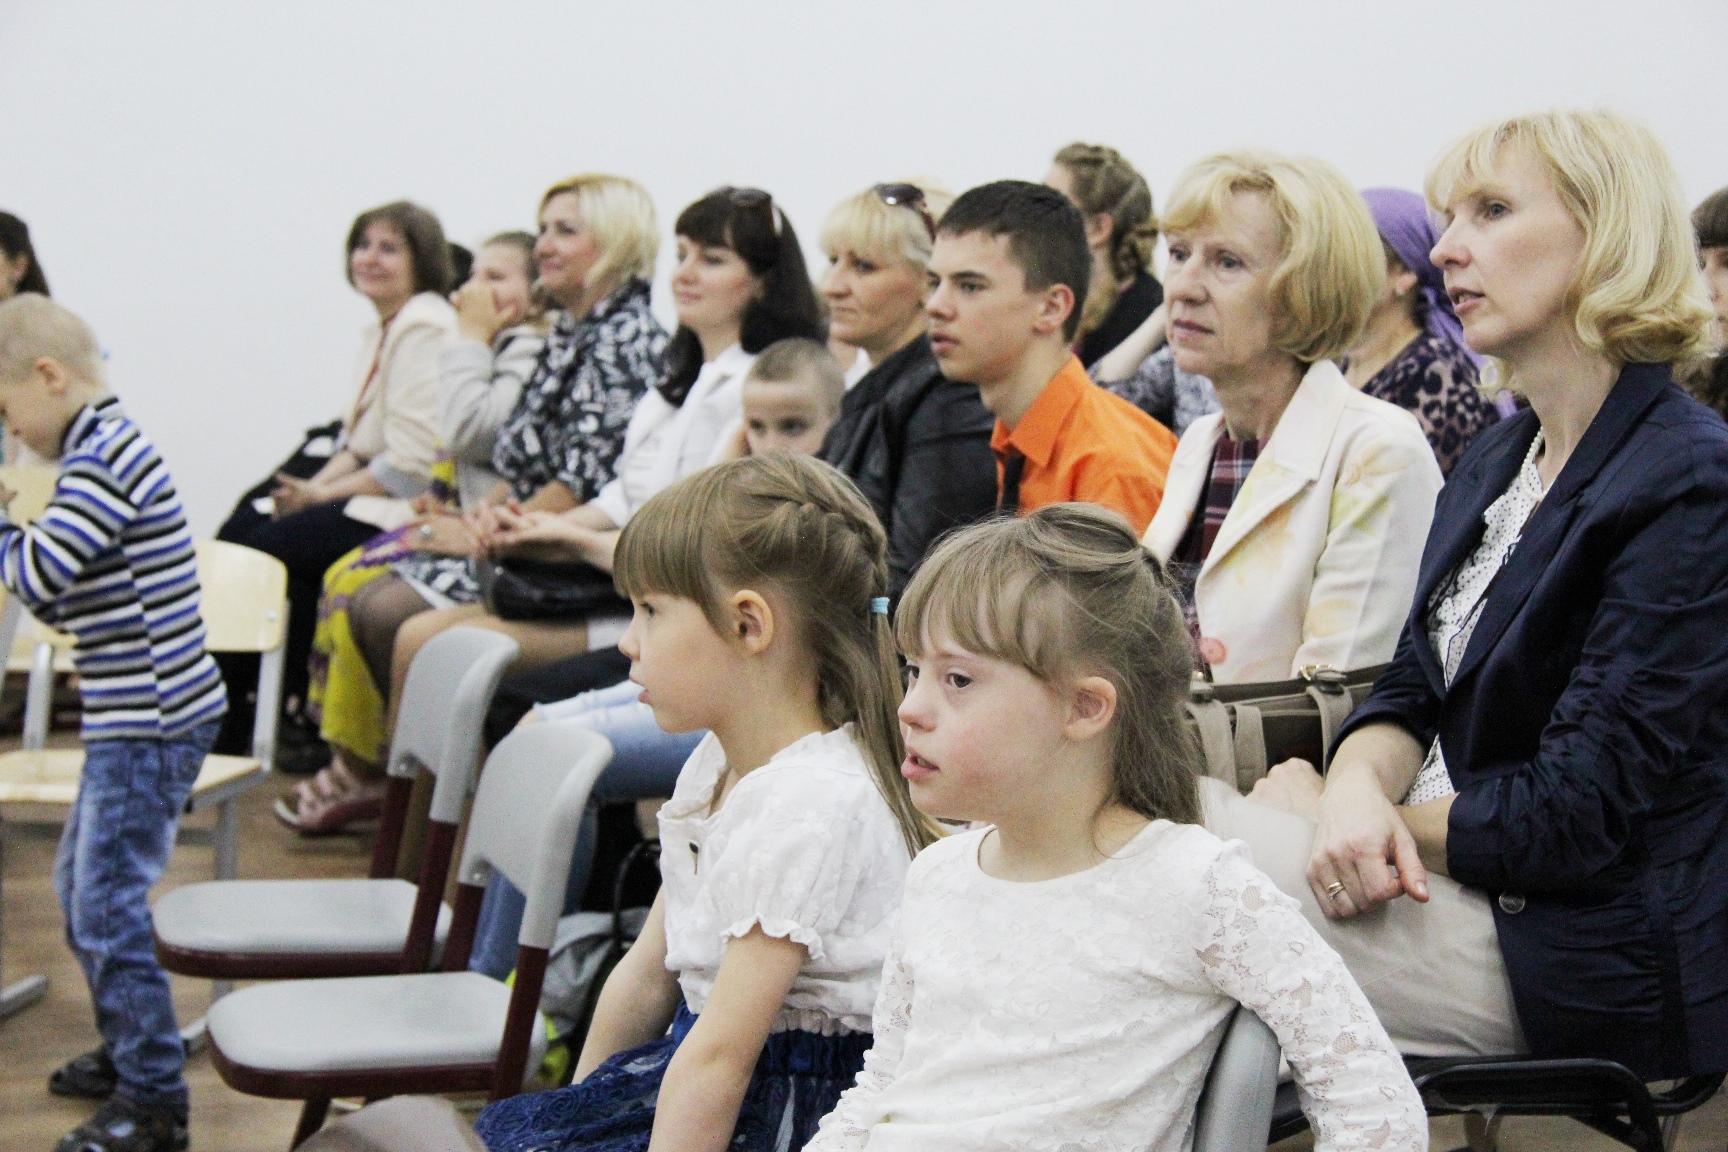 27.05.2016, посл. уч. день, 167